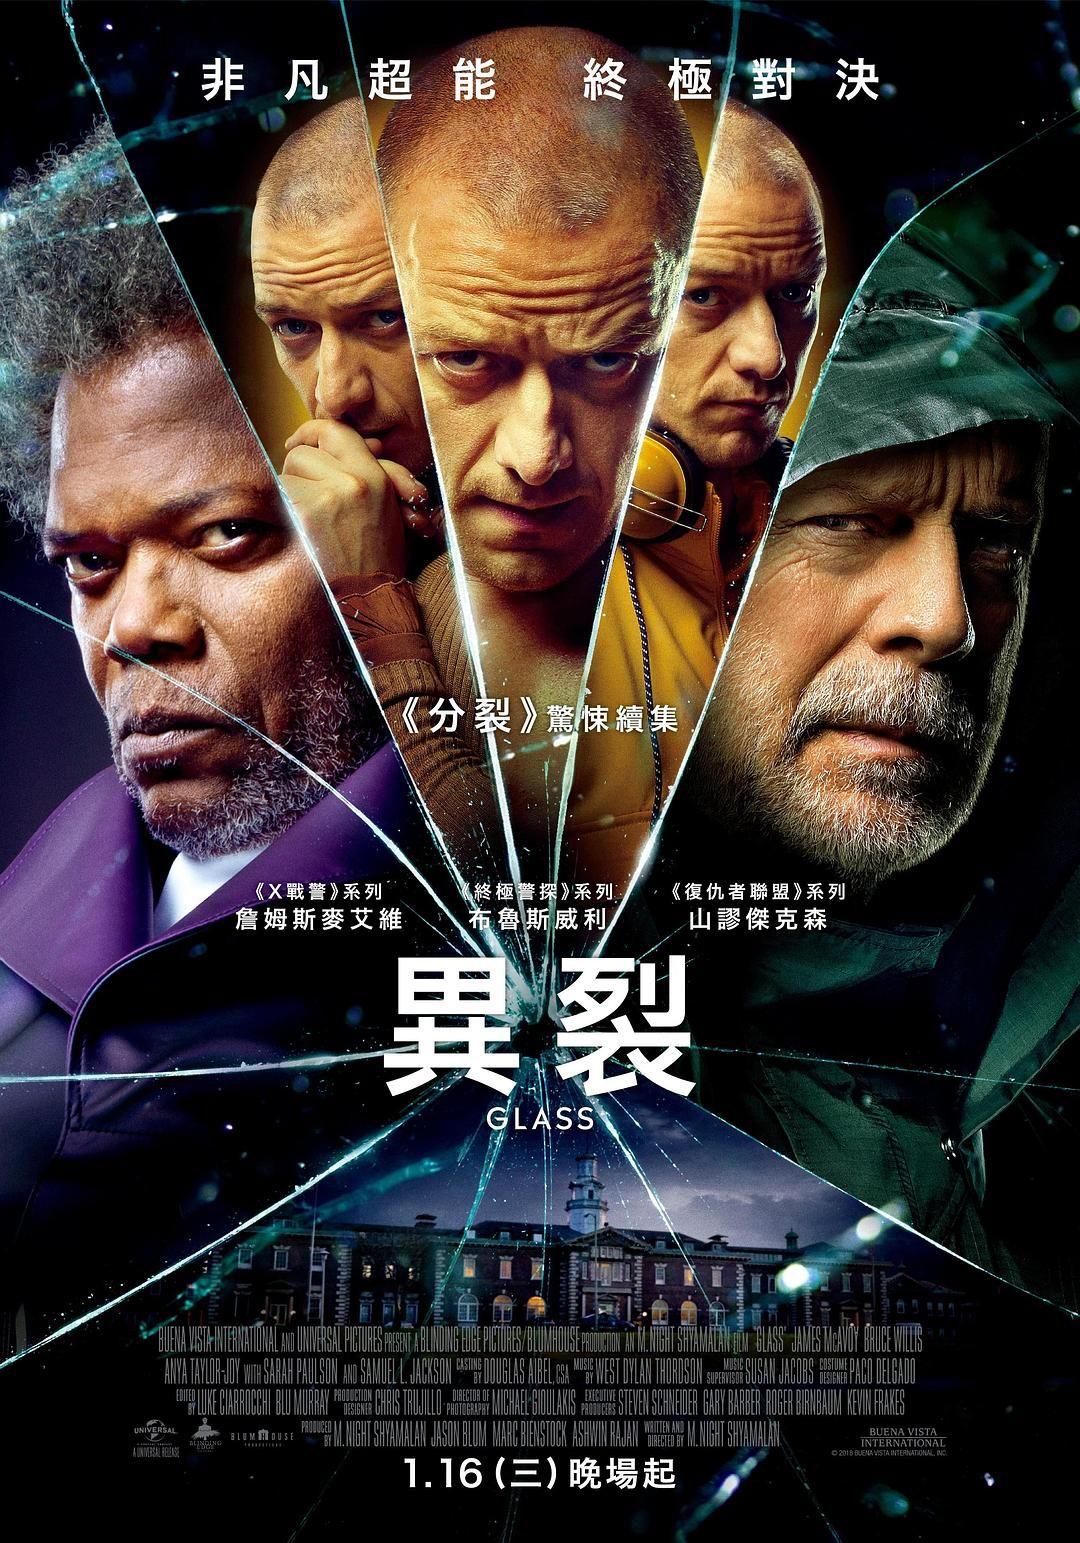 2019年悬疑惊悚《玻璃先生/不死劫2》BD中英双字幕